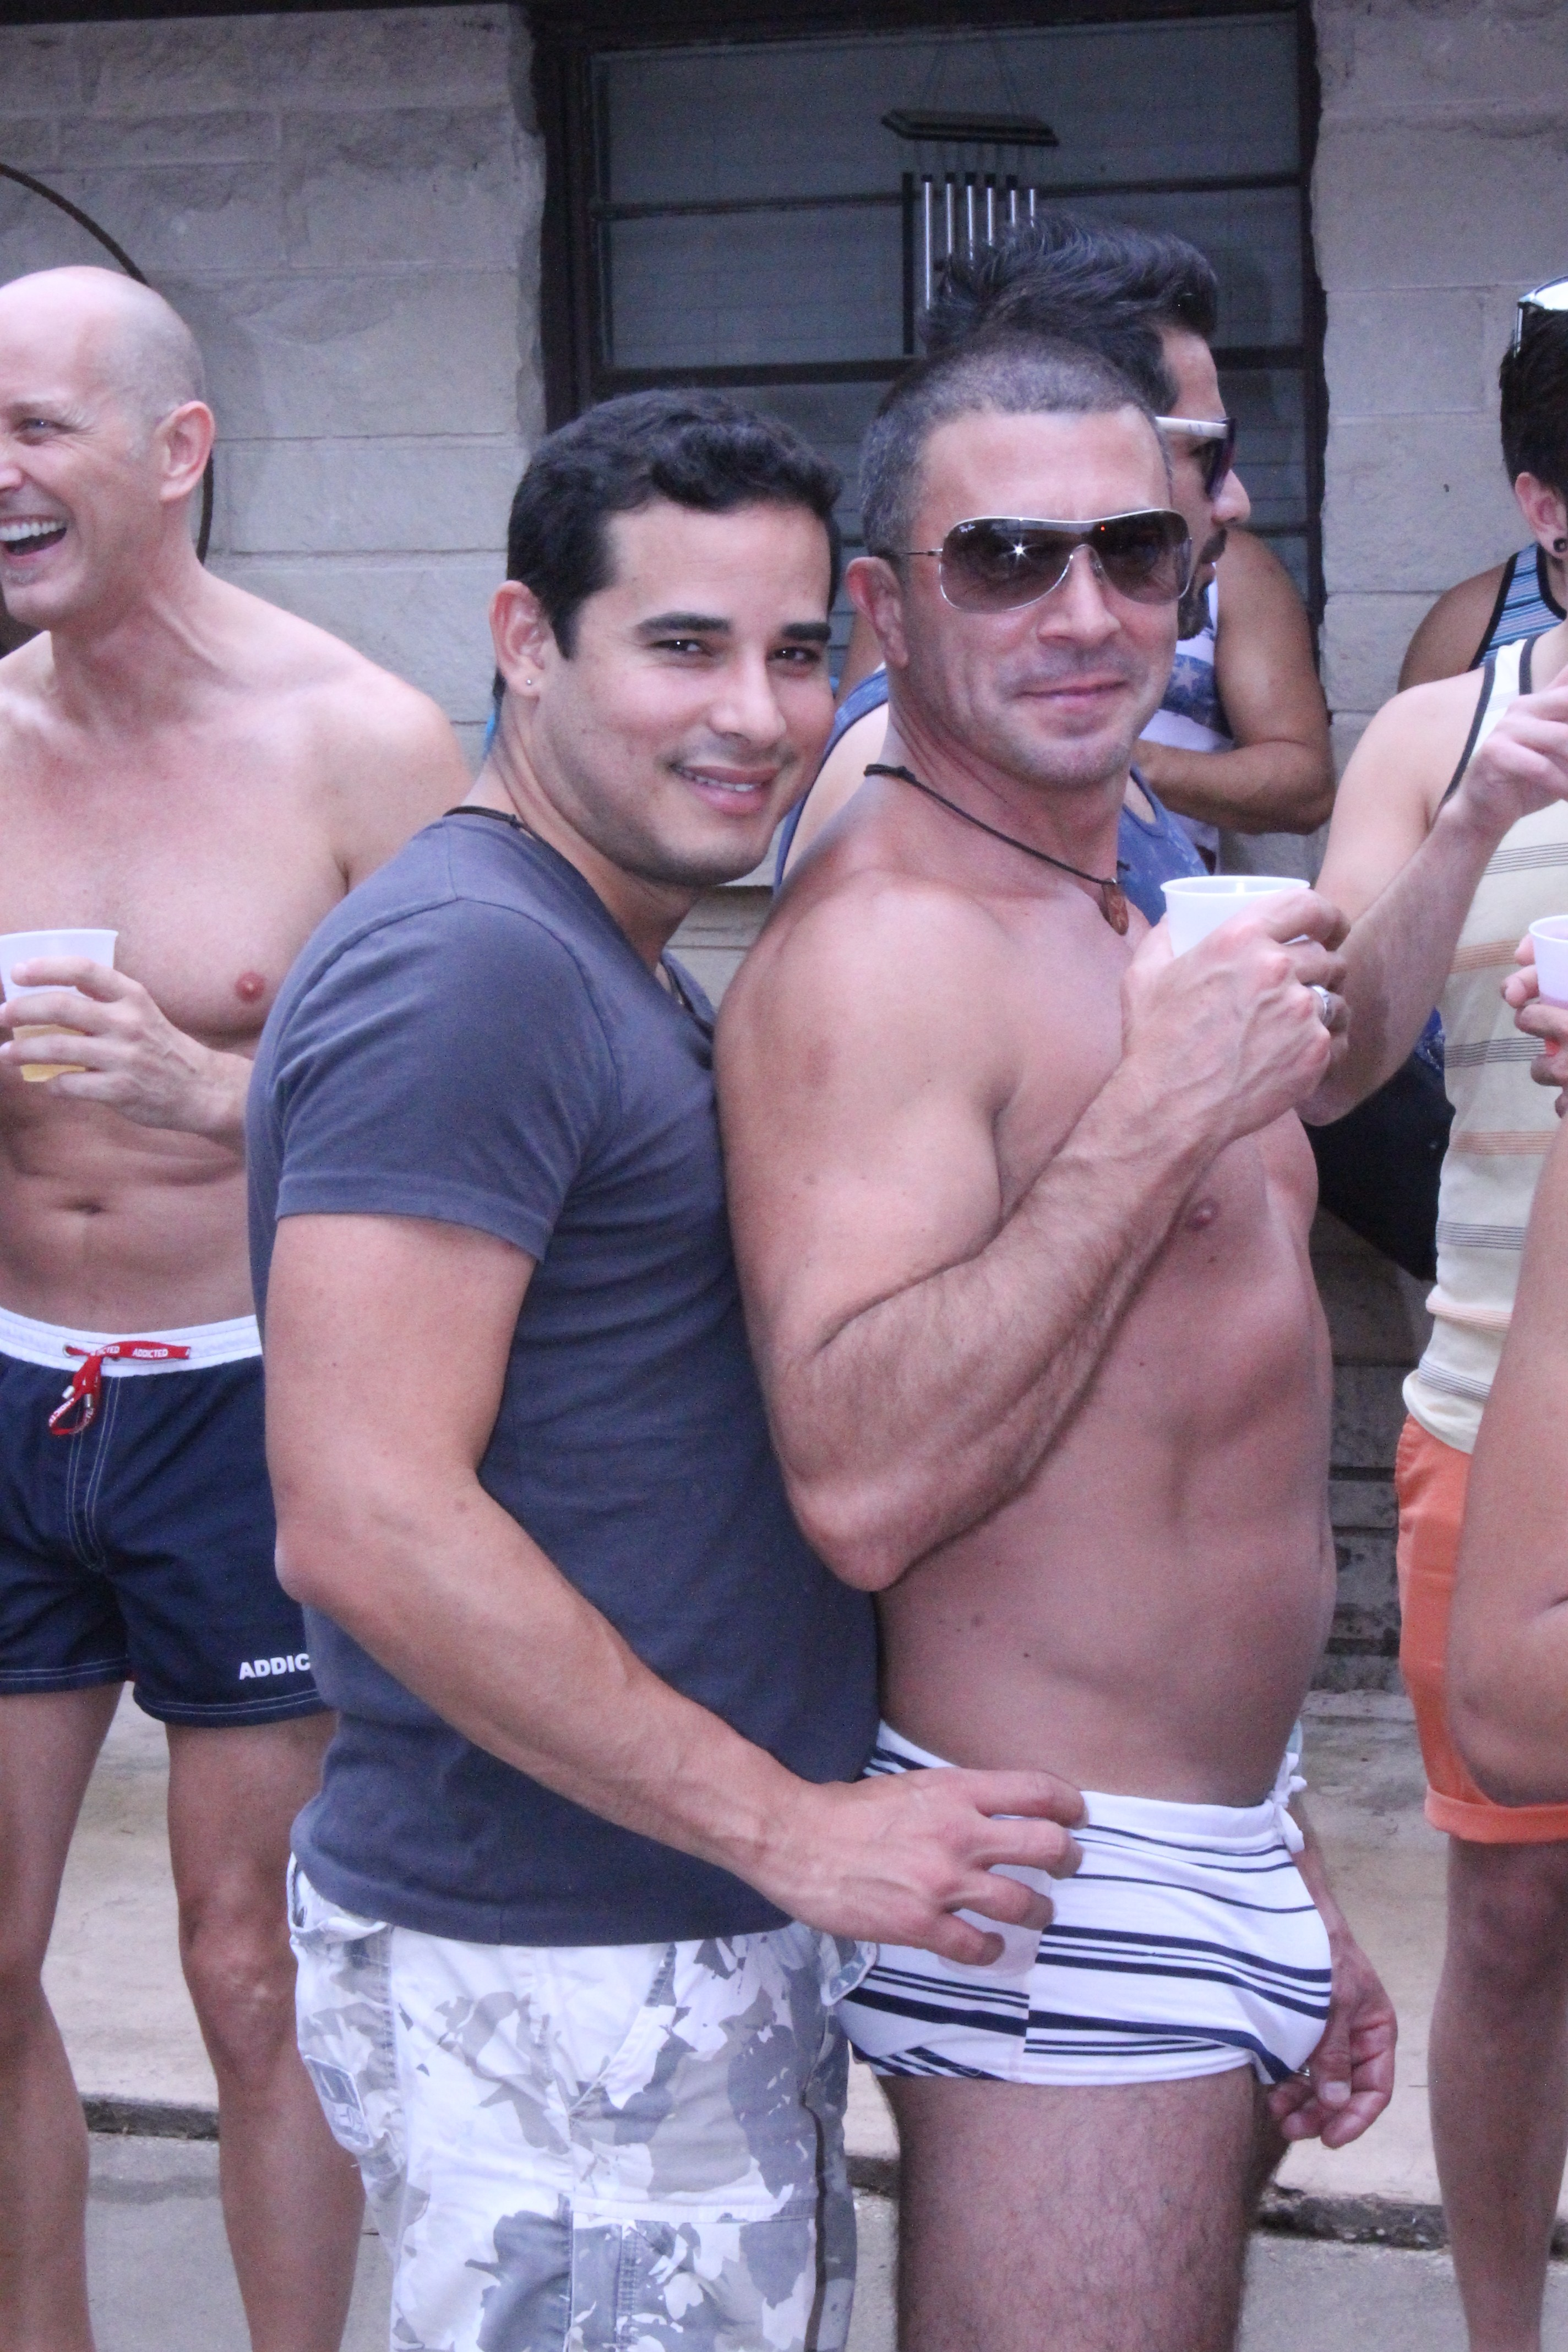 PHOTOS: The Summer Party, benefiting ASD